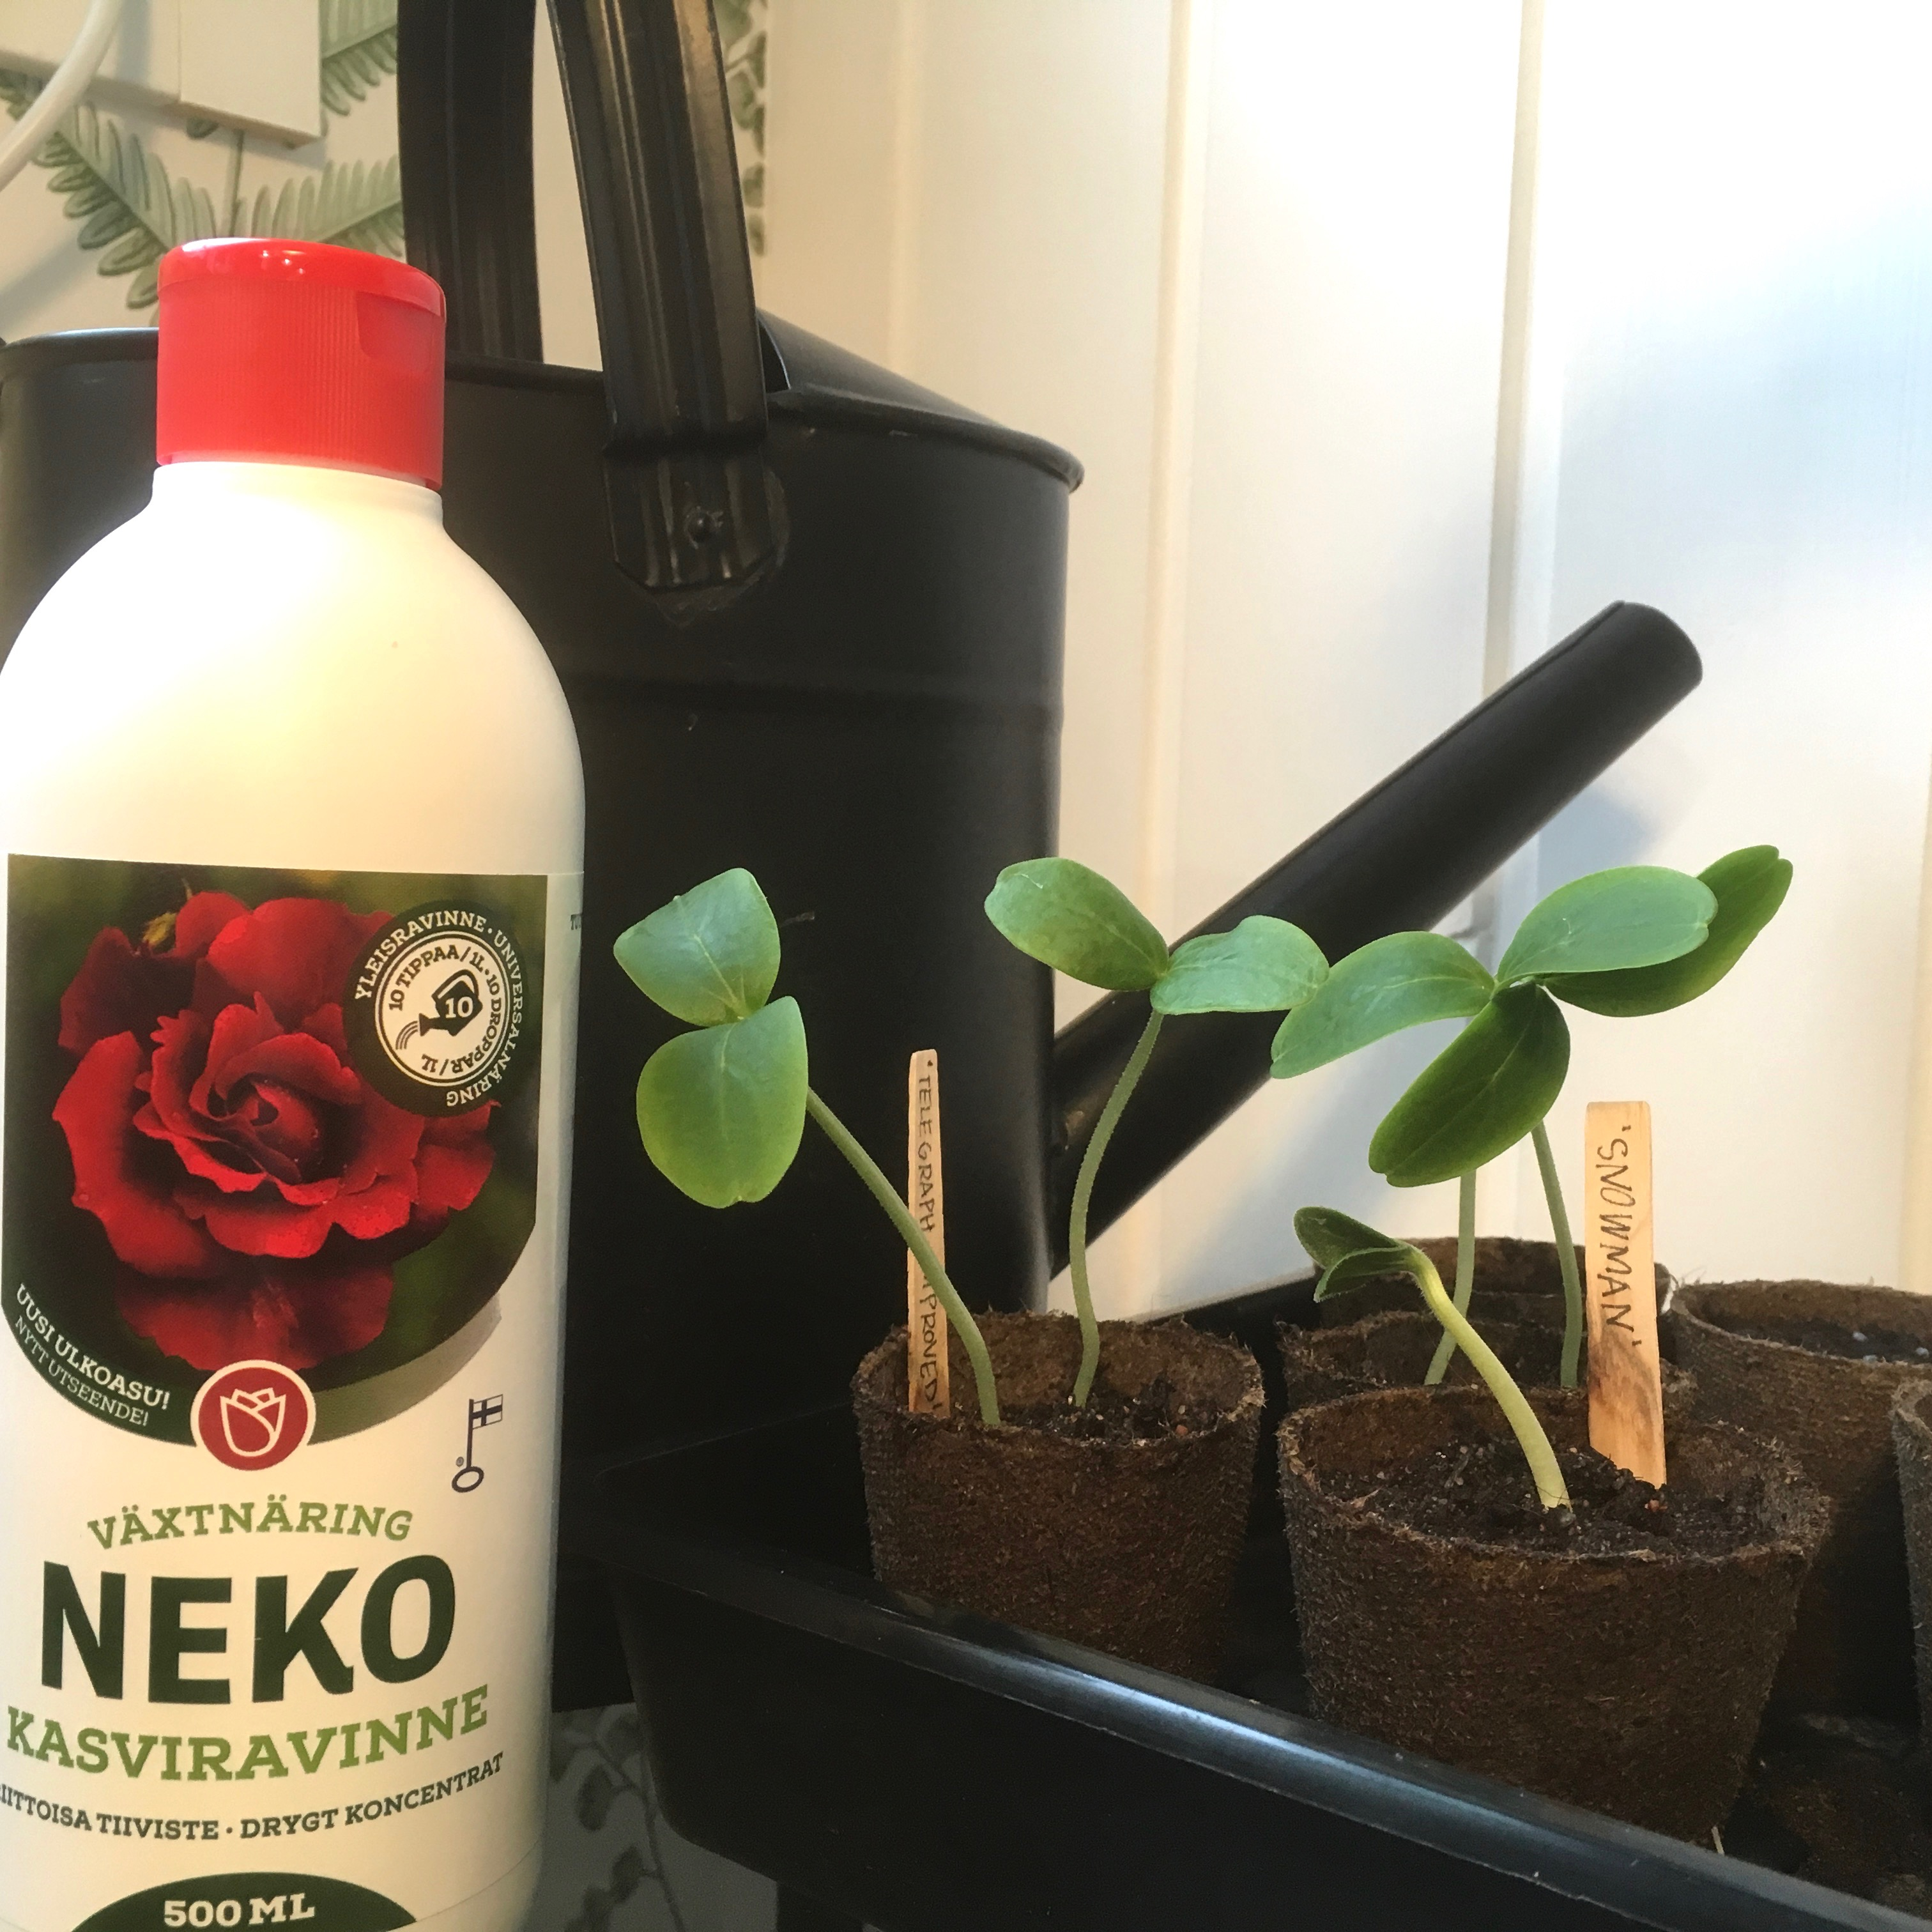 Neko kasviravinteella sopii taimikasvatuksen lannoitteeksi